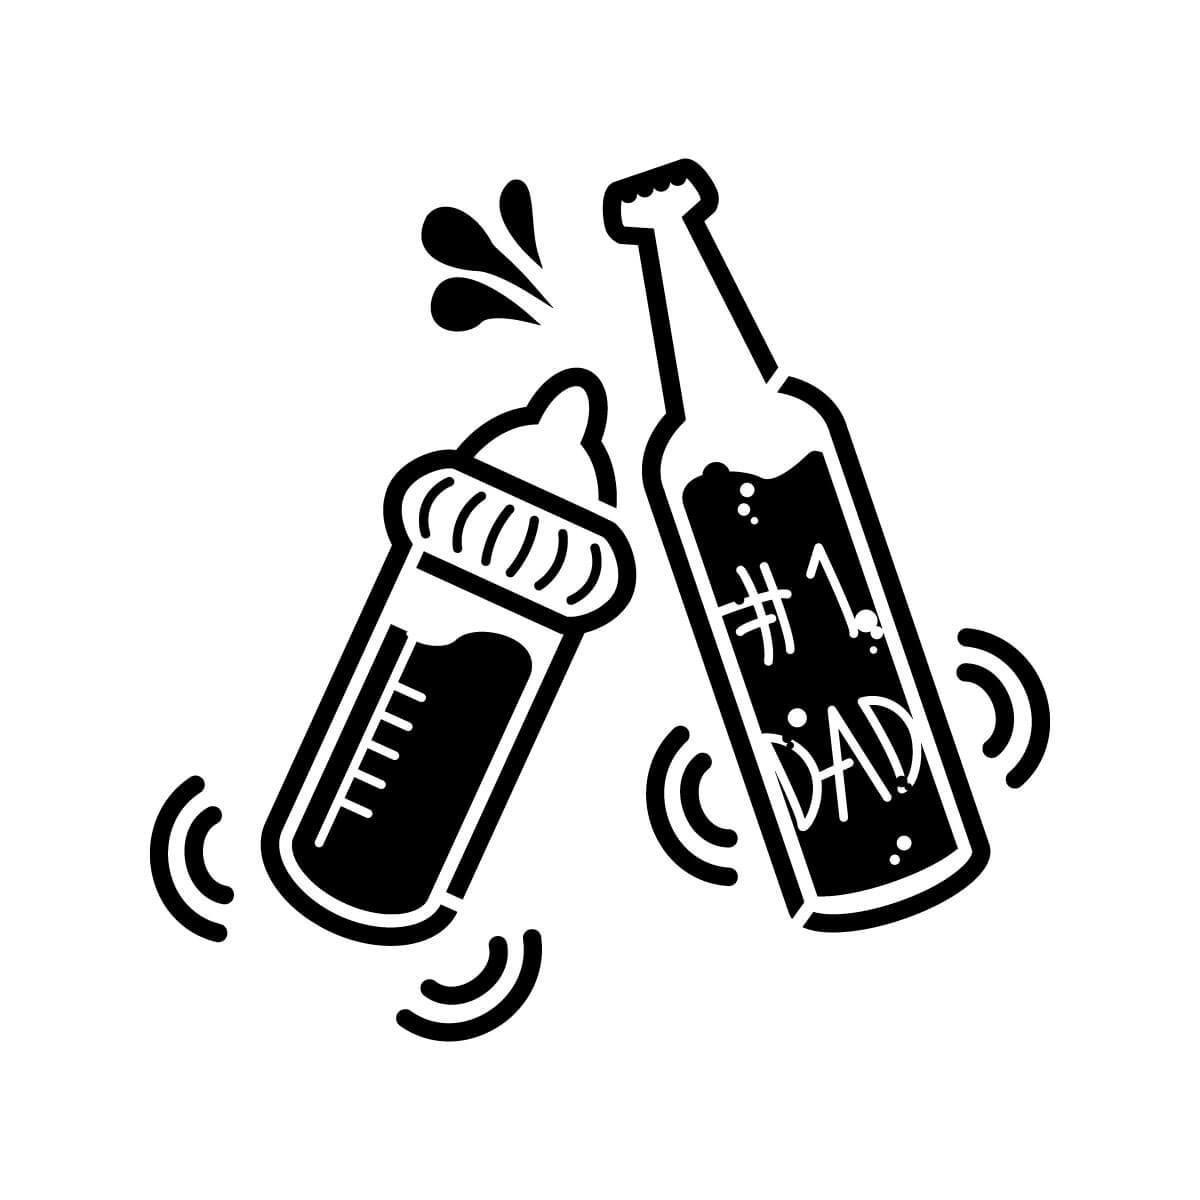 ビール瓶と哺乳瓶